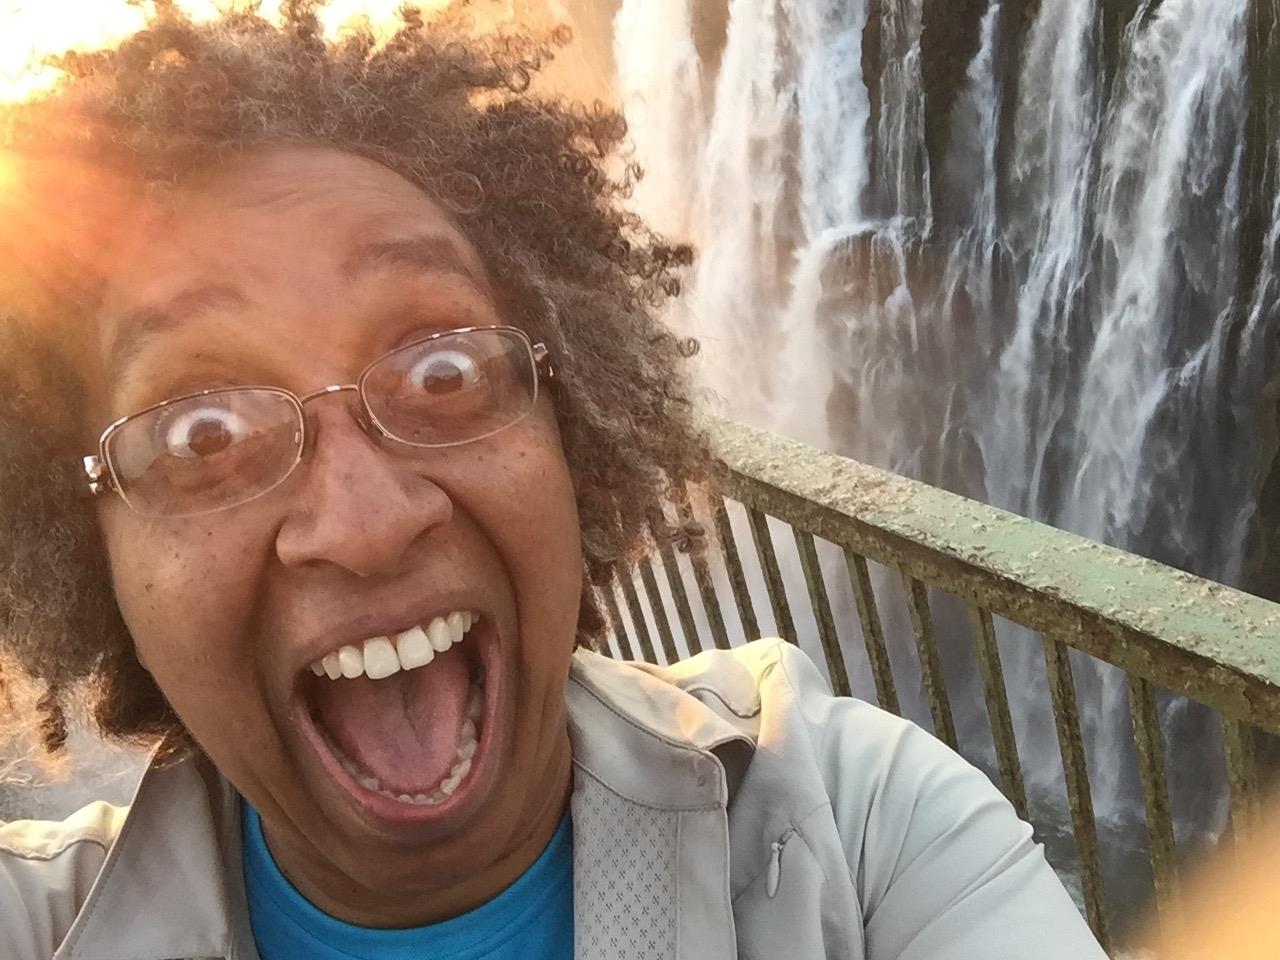 Walking the footbridge alongside Victoria Falls in Livingstone, Zambia, felt almost as scary as leaving Corporate.